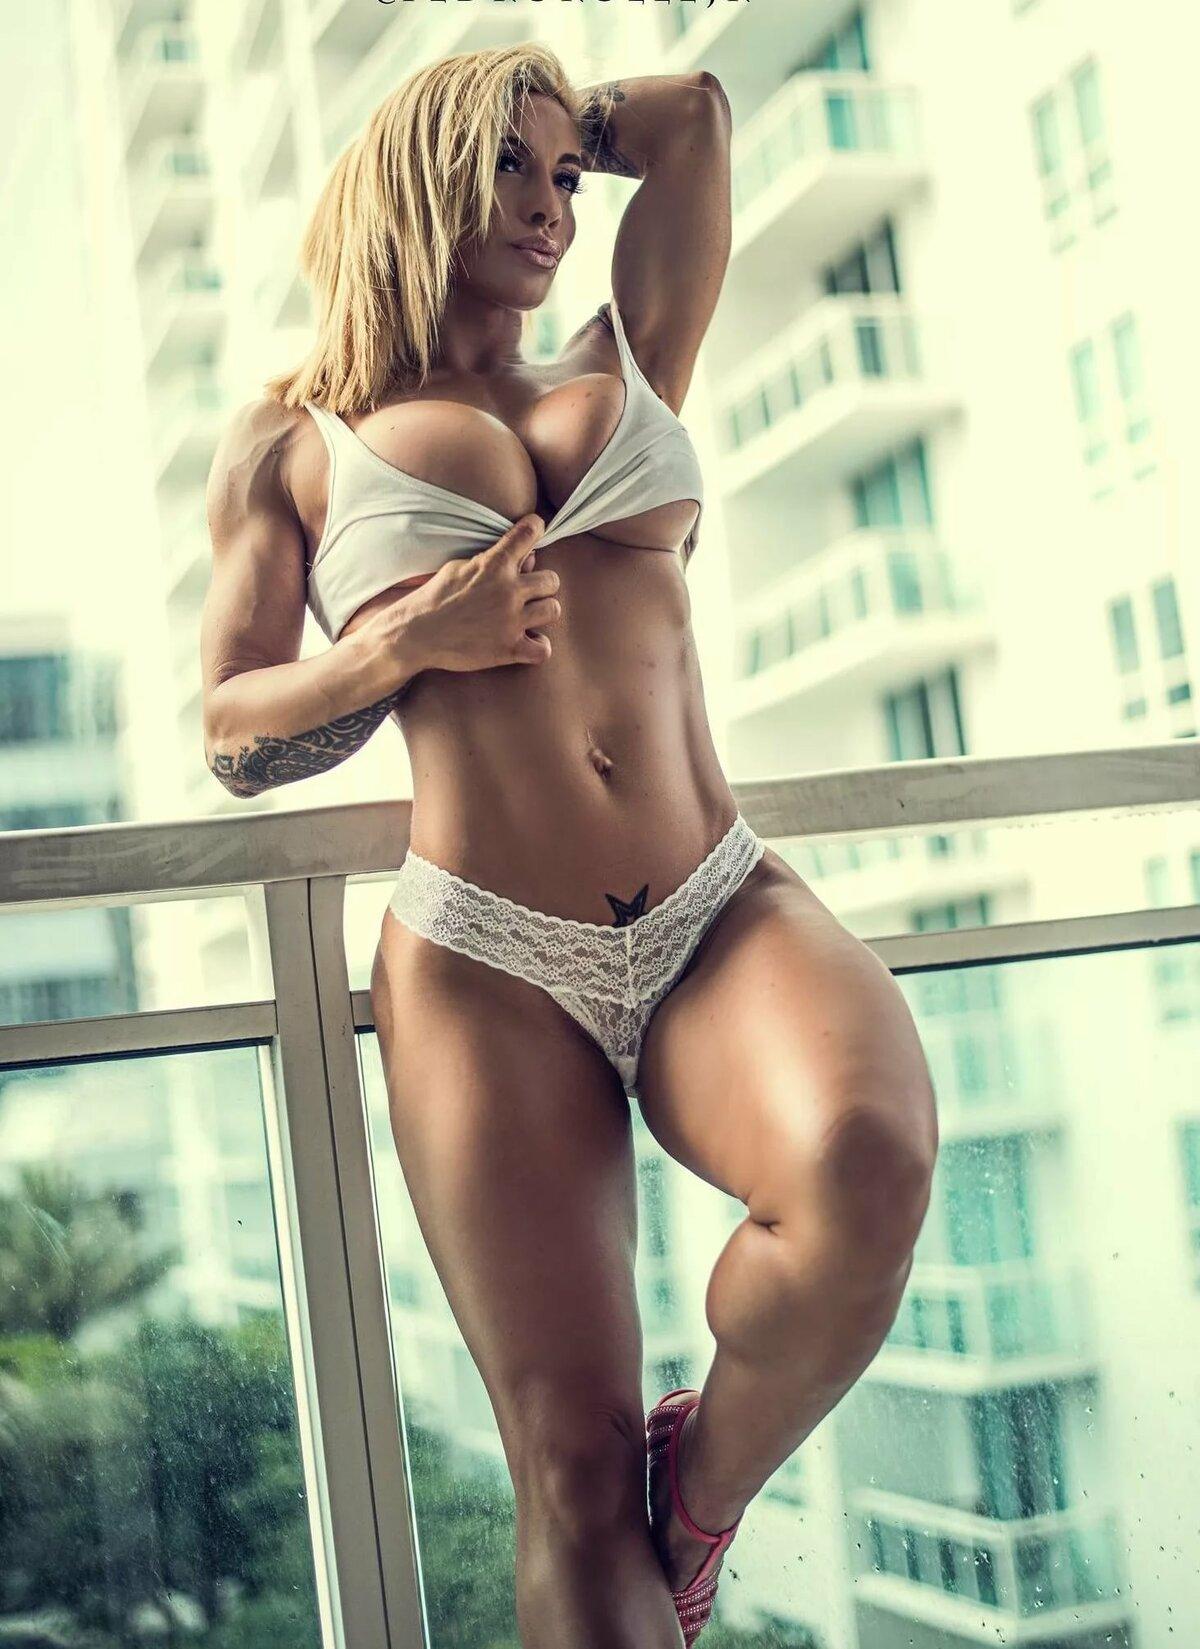 Sexiest fit women #14